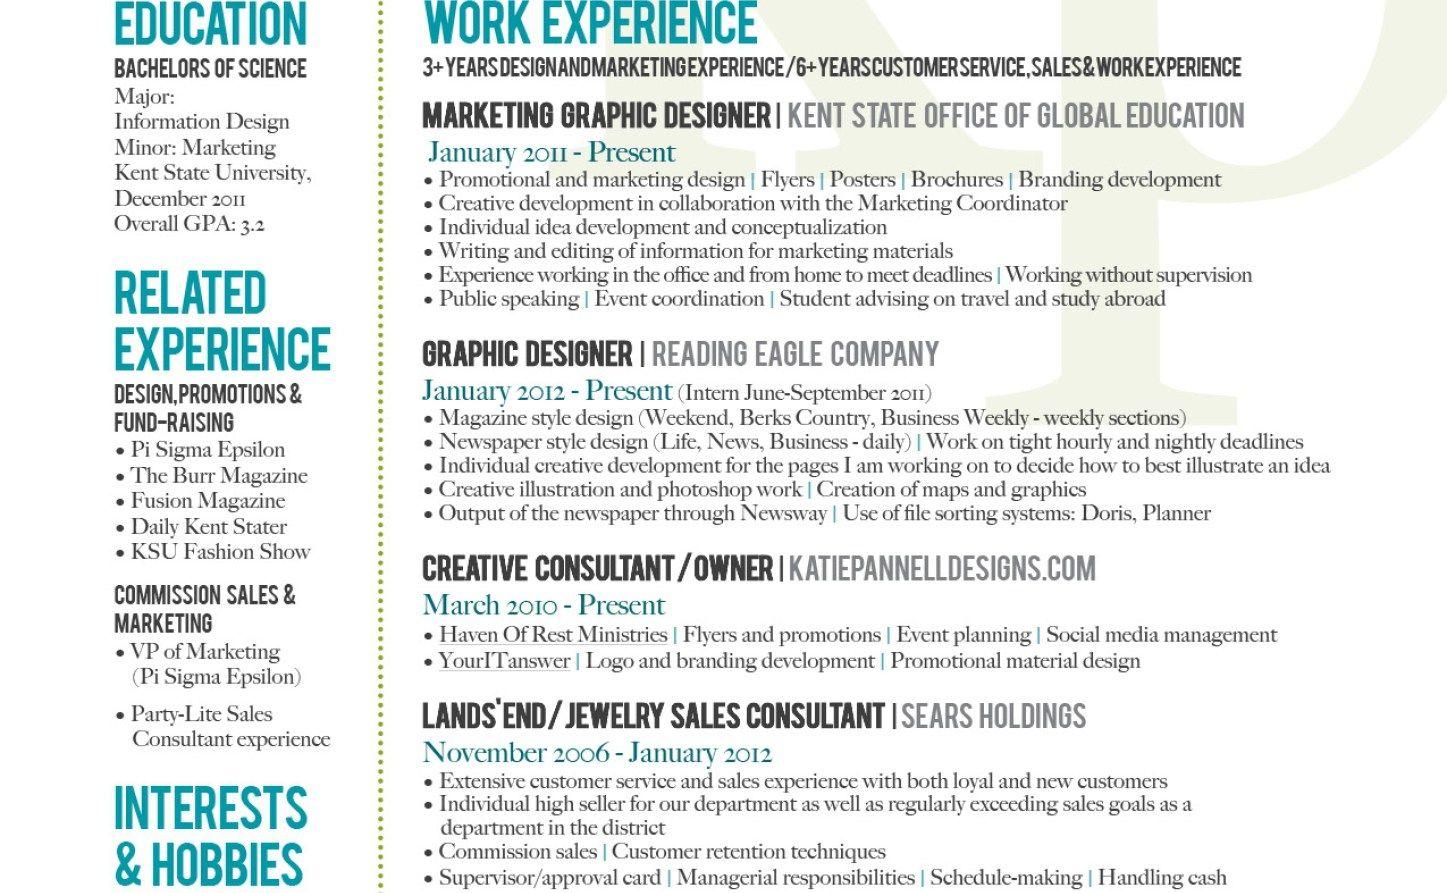 Resume Writer Website Online - Submission specialist | Essay Helper ...